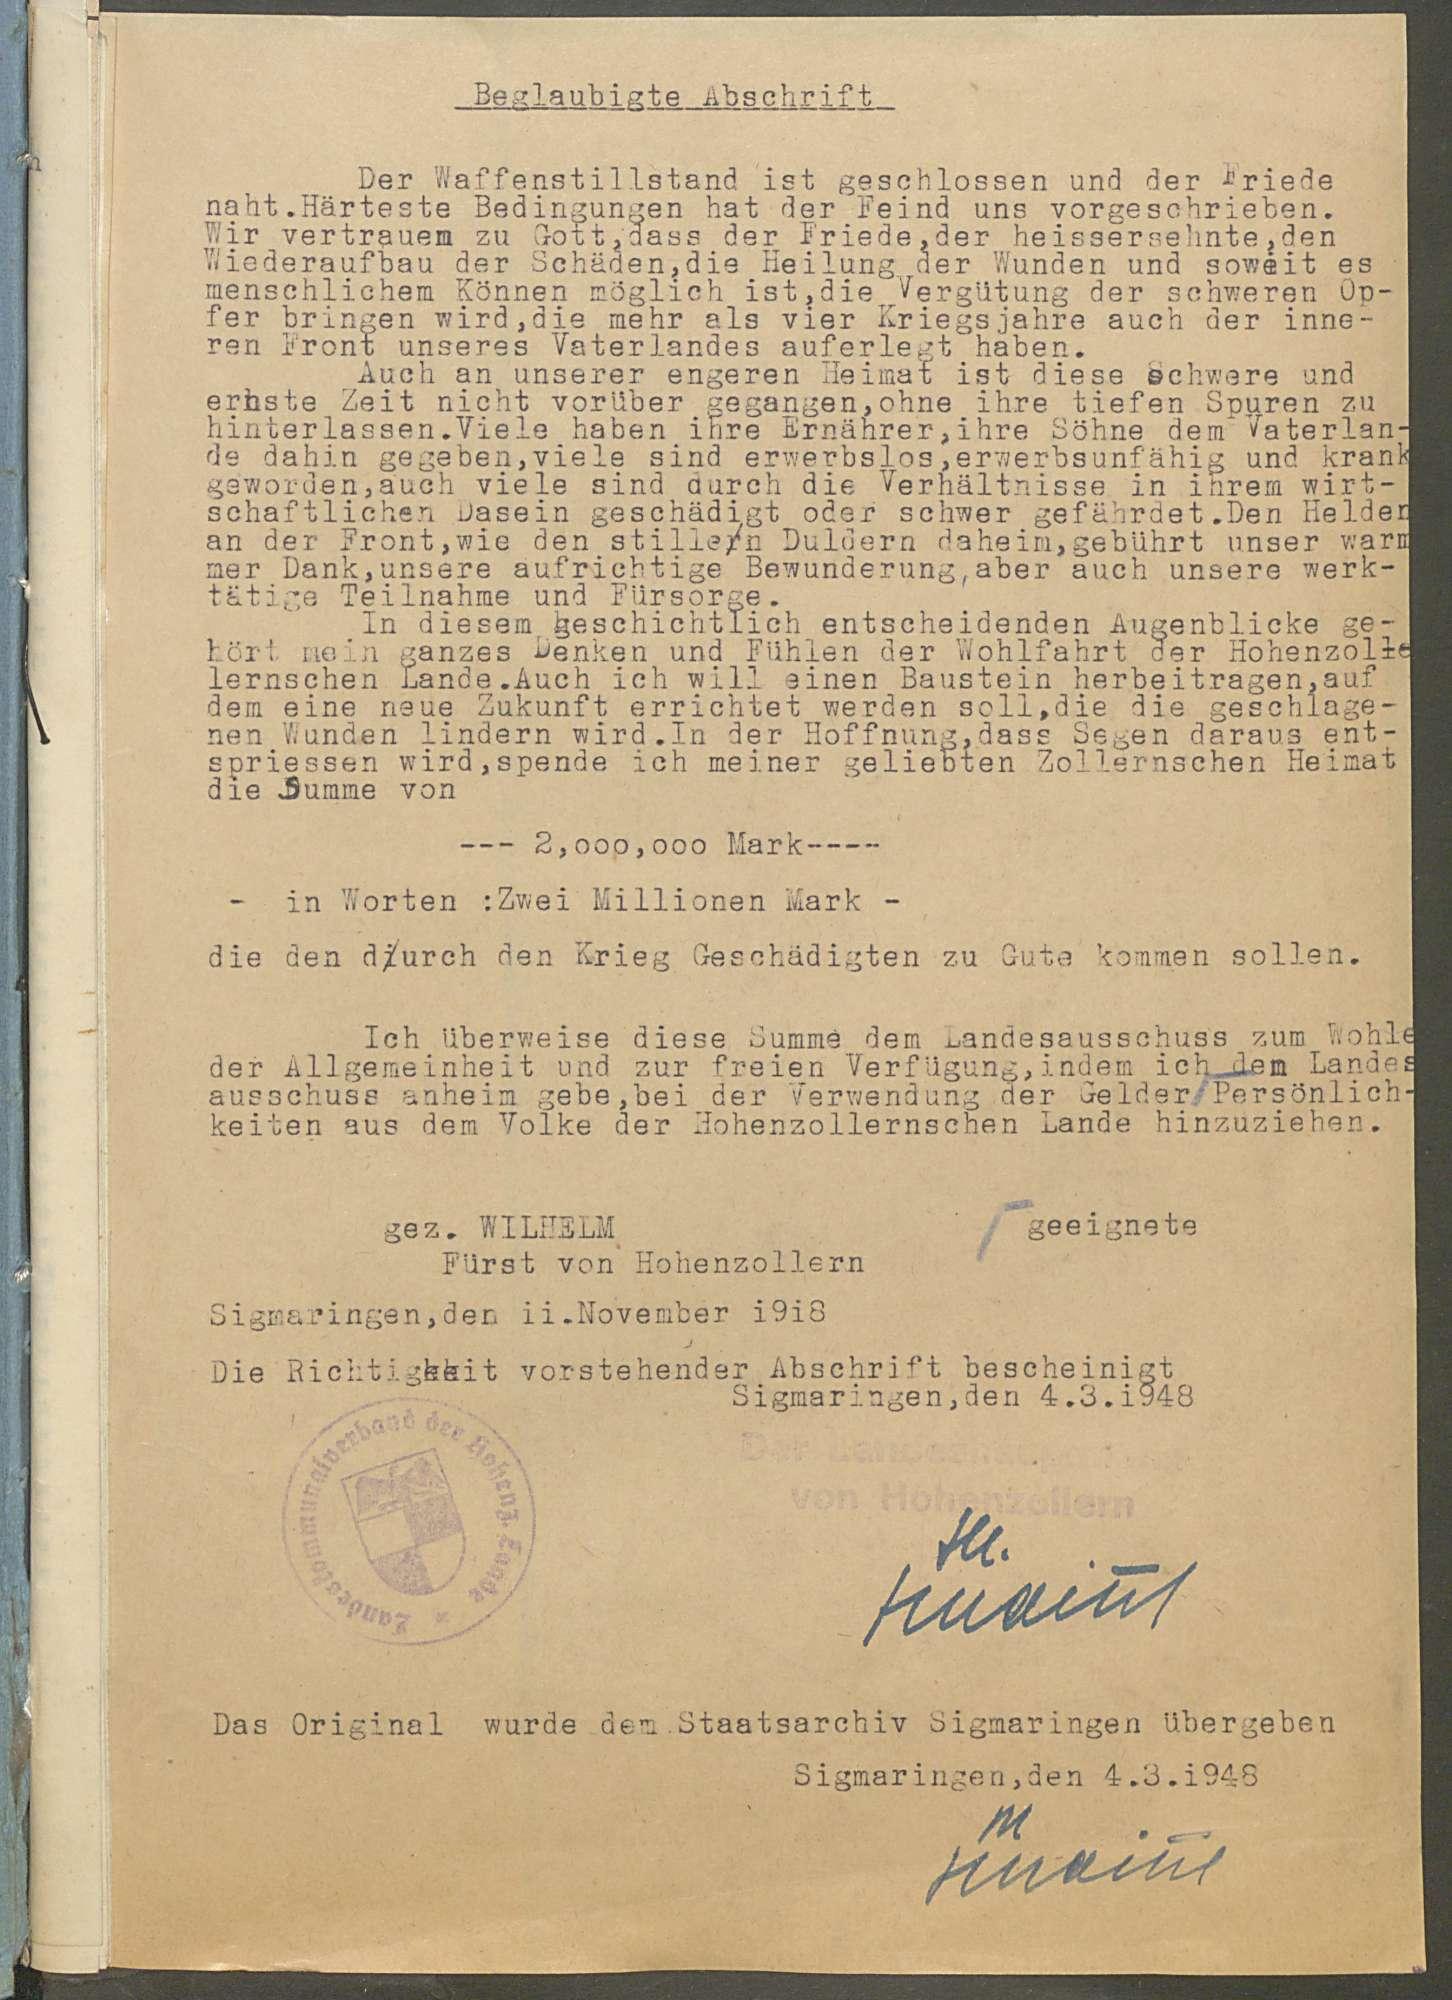 Fürst Wilhelm-Spende zu Gunsten der durch den Krieg Geschädigten - Bd. 1, Bild 2